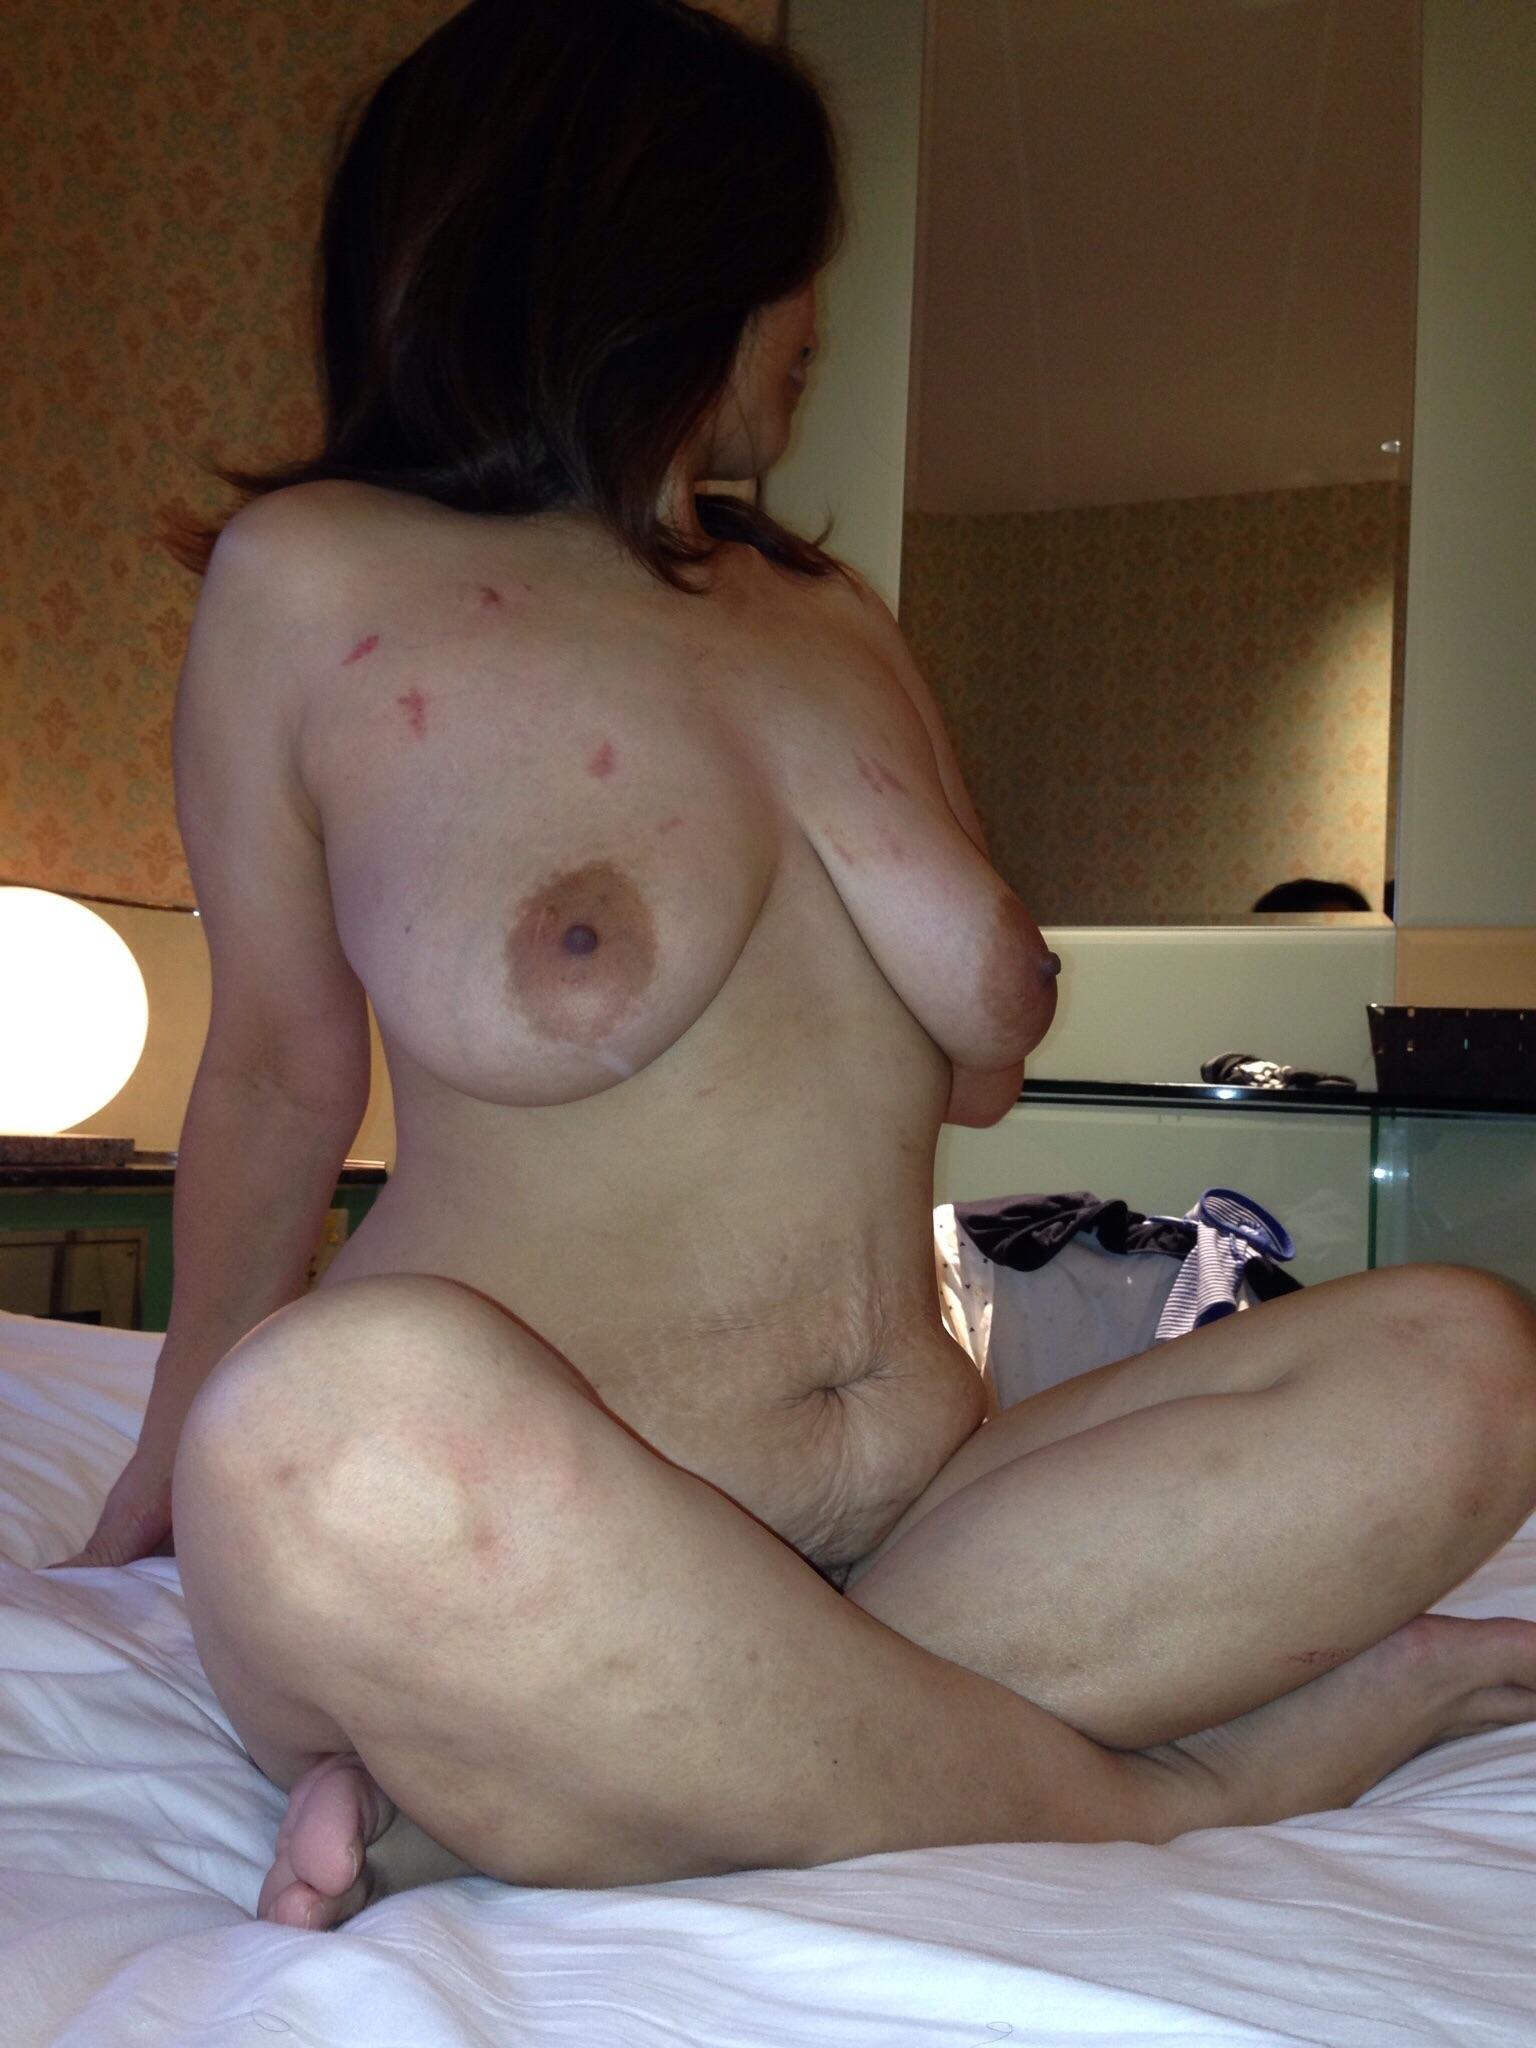 オフパコで不倫セックスを楽しむ淫乱若妻エロ画像2枚目